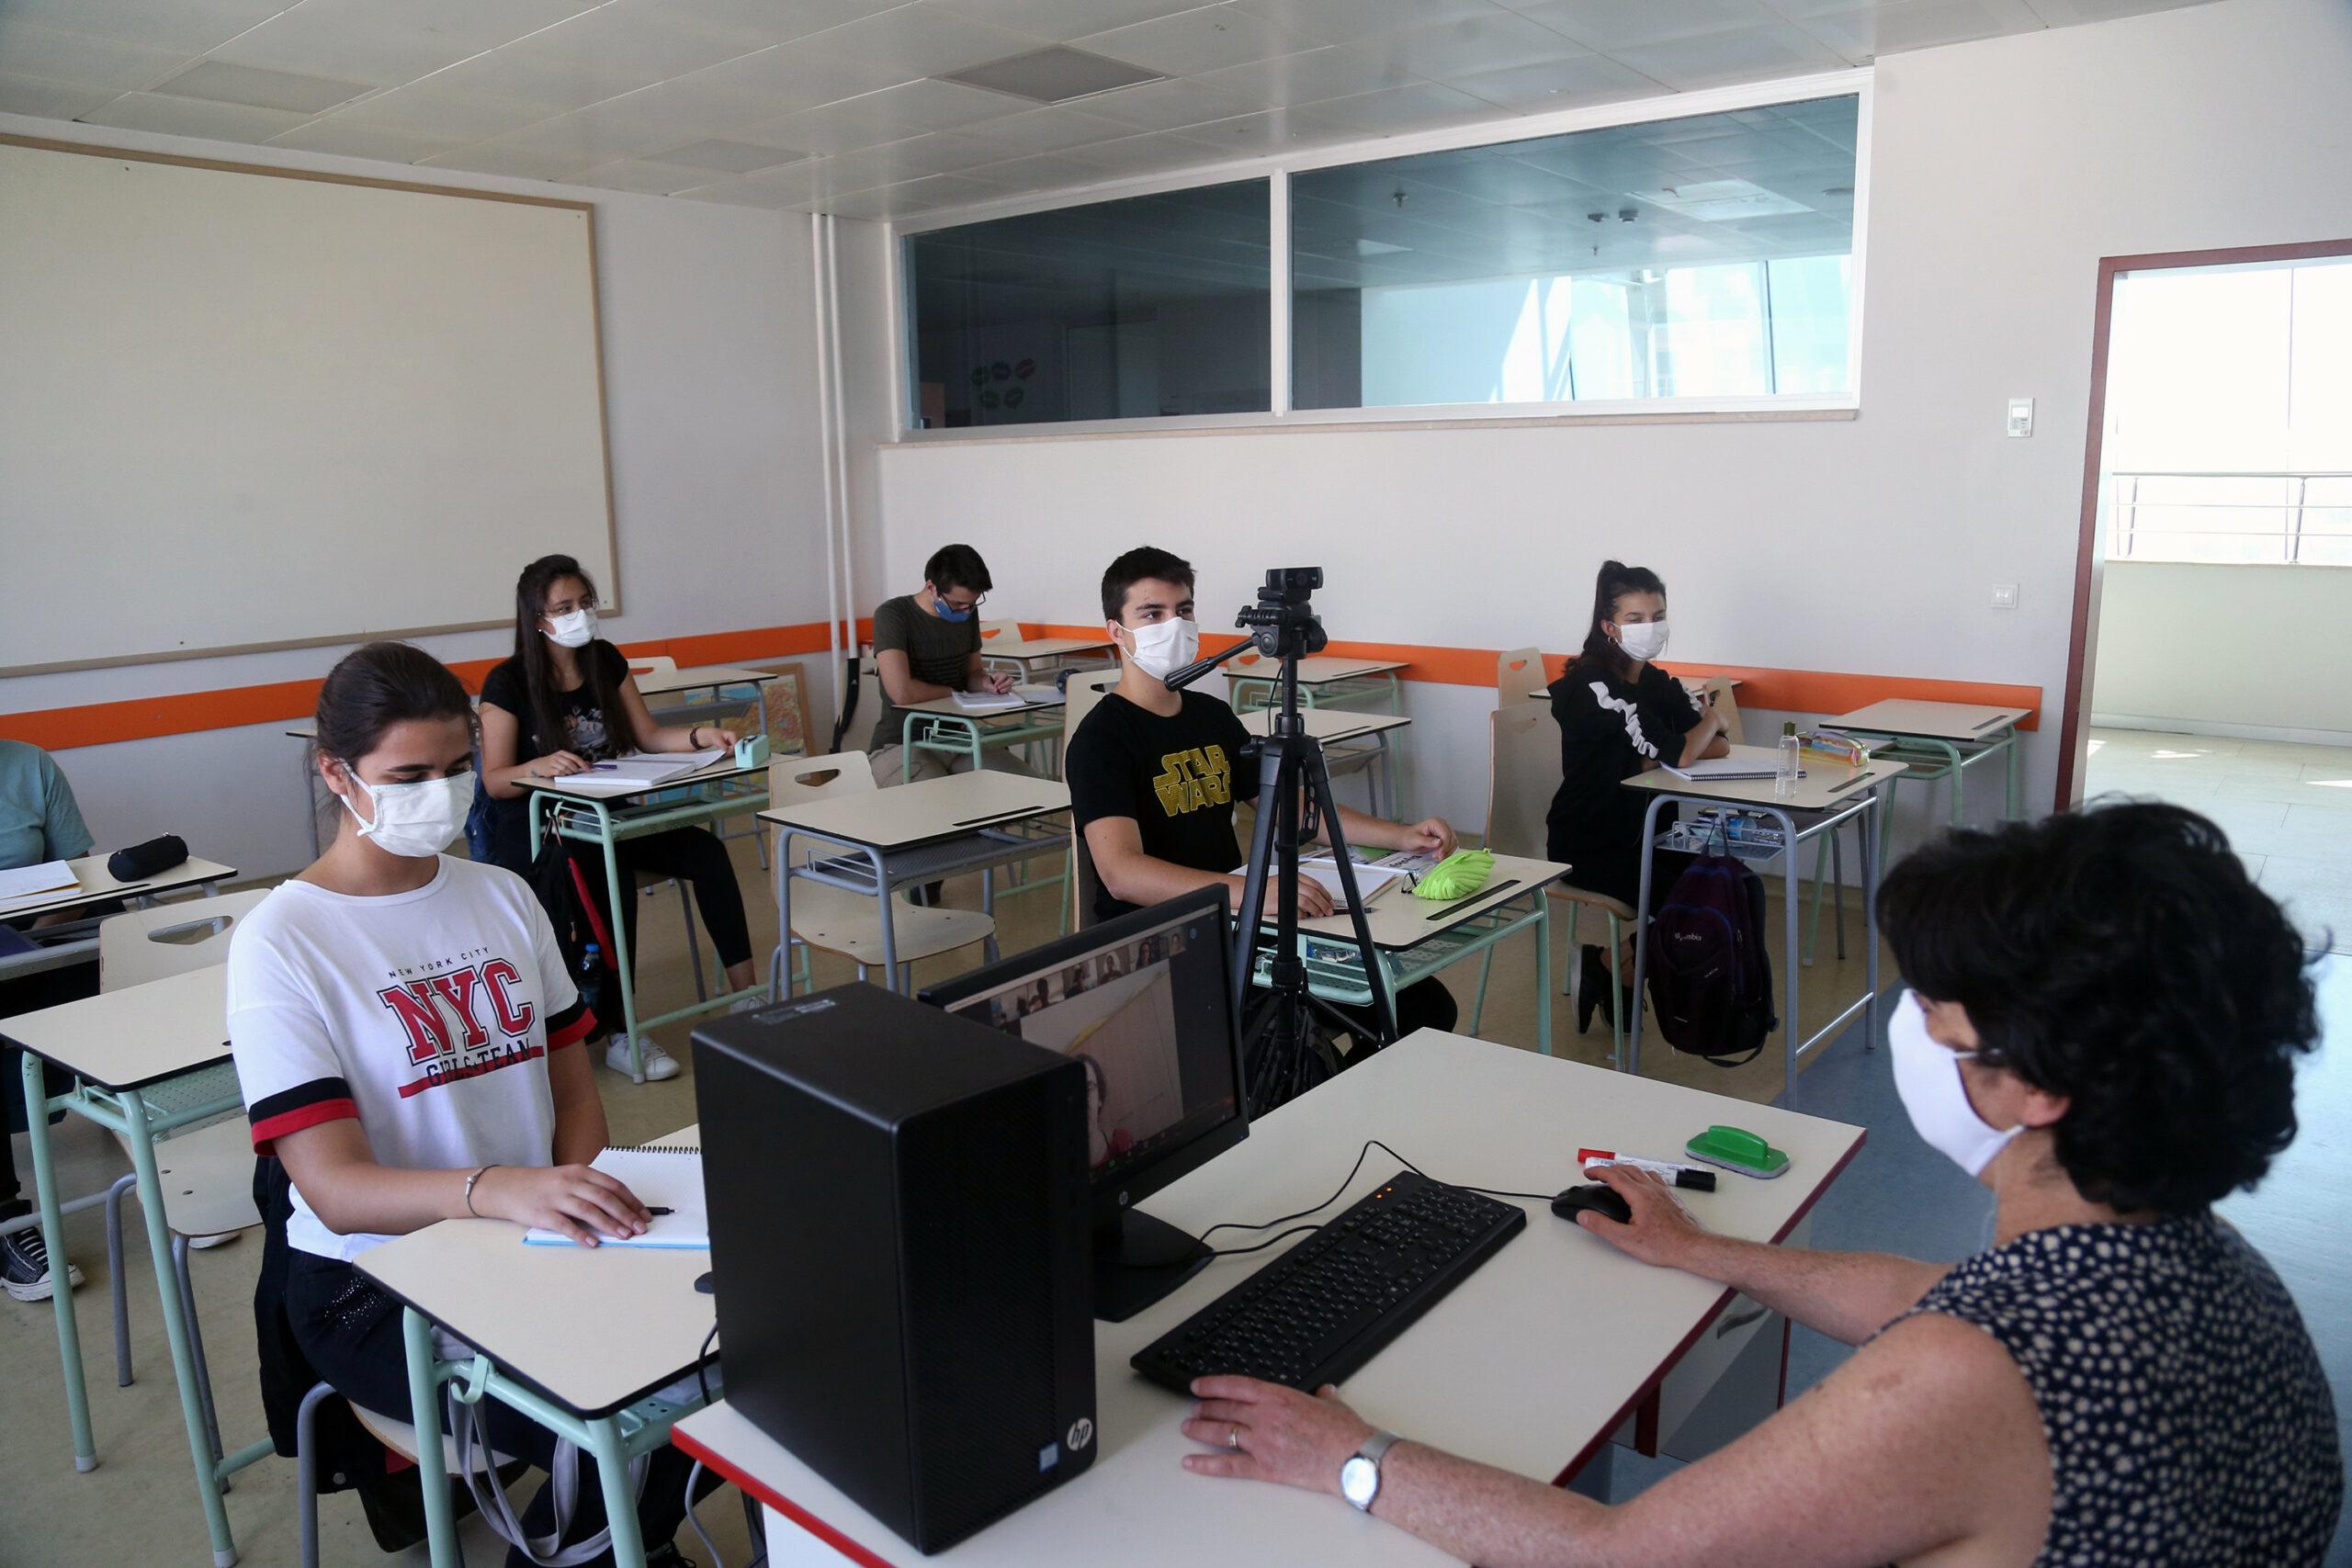 Panică în școlile din România. Datele o confirmă! Numărul cazurilor de Covid-19 s-a dublat